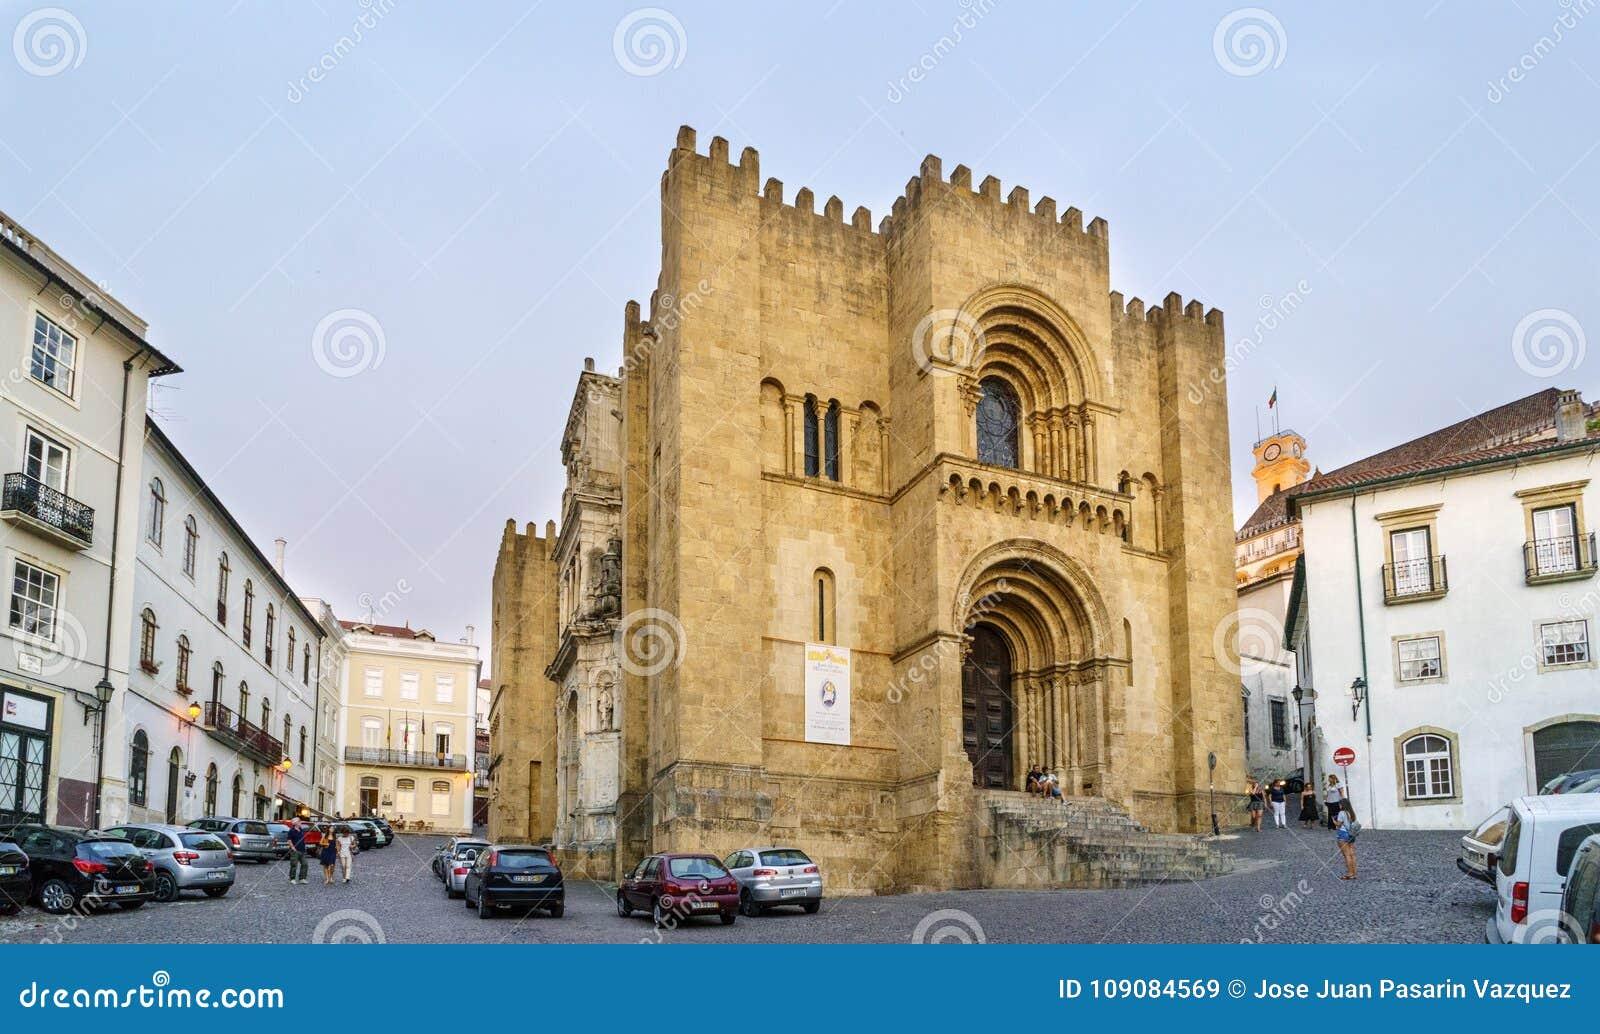 Coímbra, Portugal, el 13 de agosto de 2018: Fachada de la catedral vieja de Coímbra, el edificio Románico más importante del bui